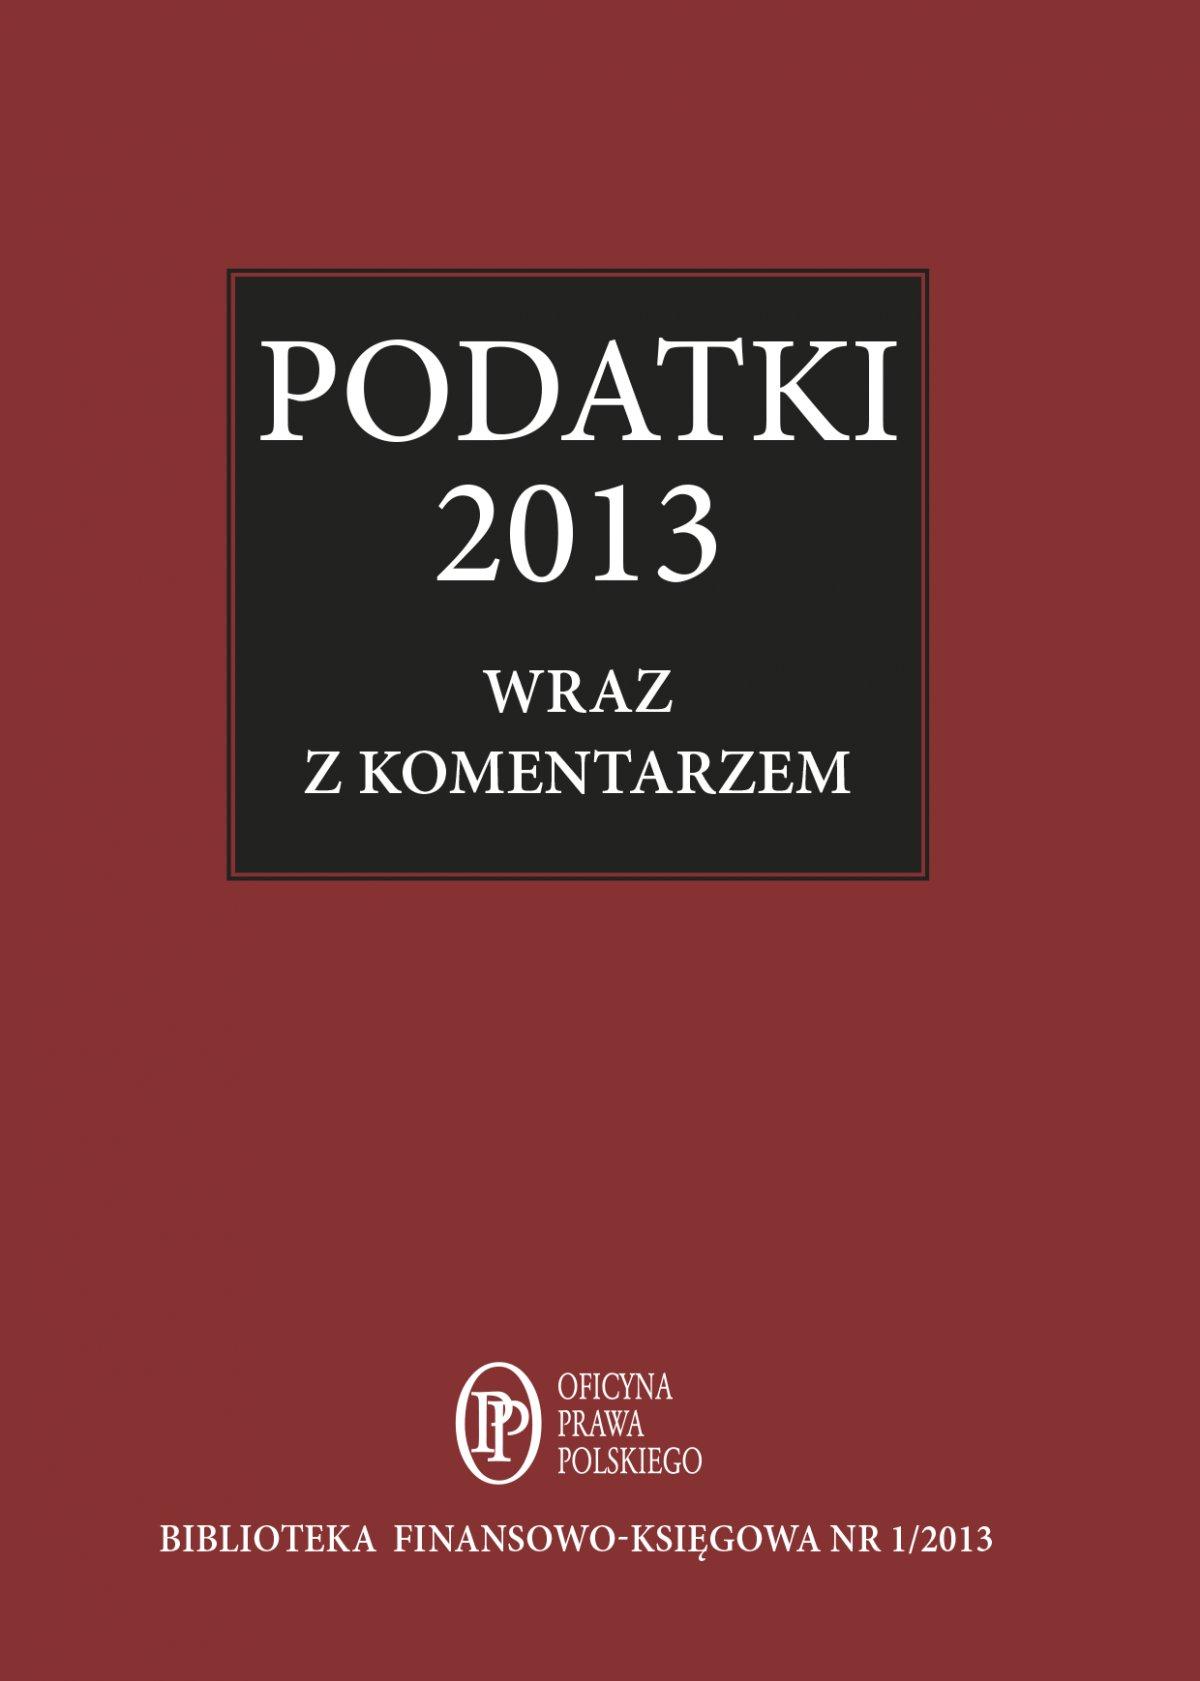 Podatki 2013 wraz z komentarzem ekspertów - Ebook (Książka na Kindle) do pobrania w formacie MOBI